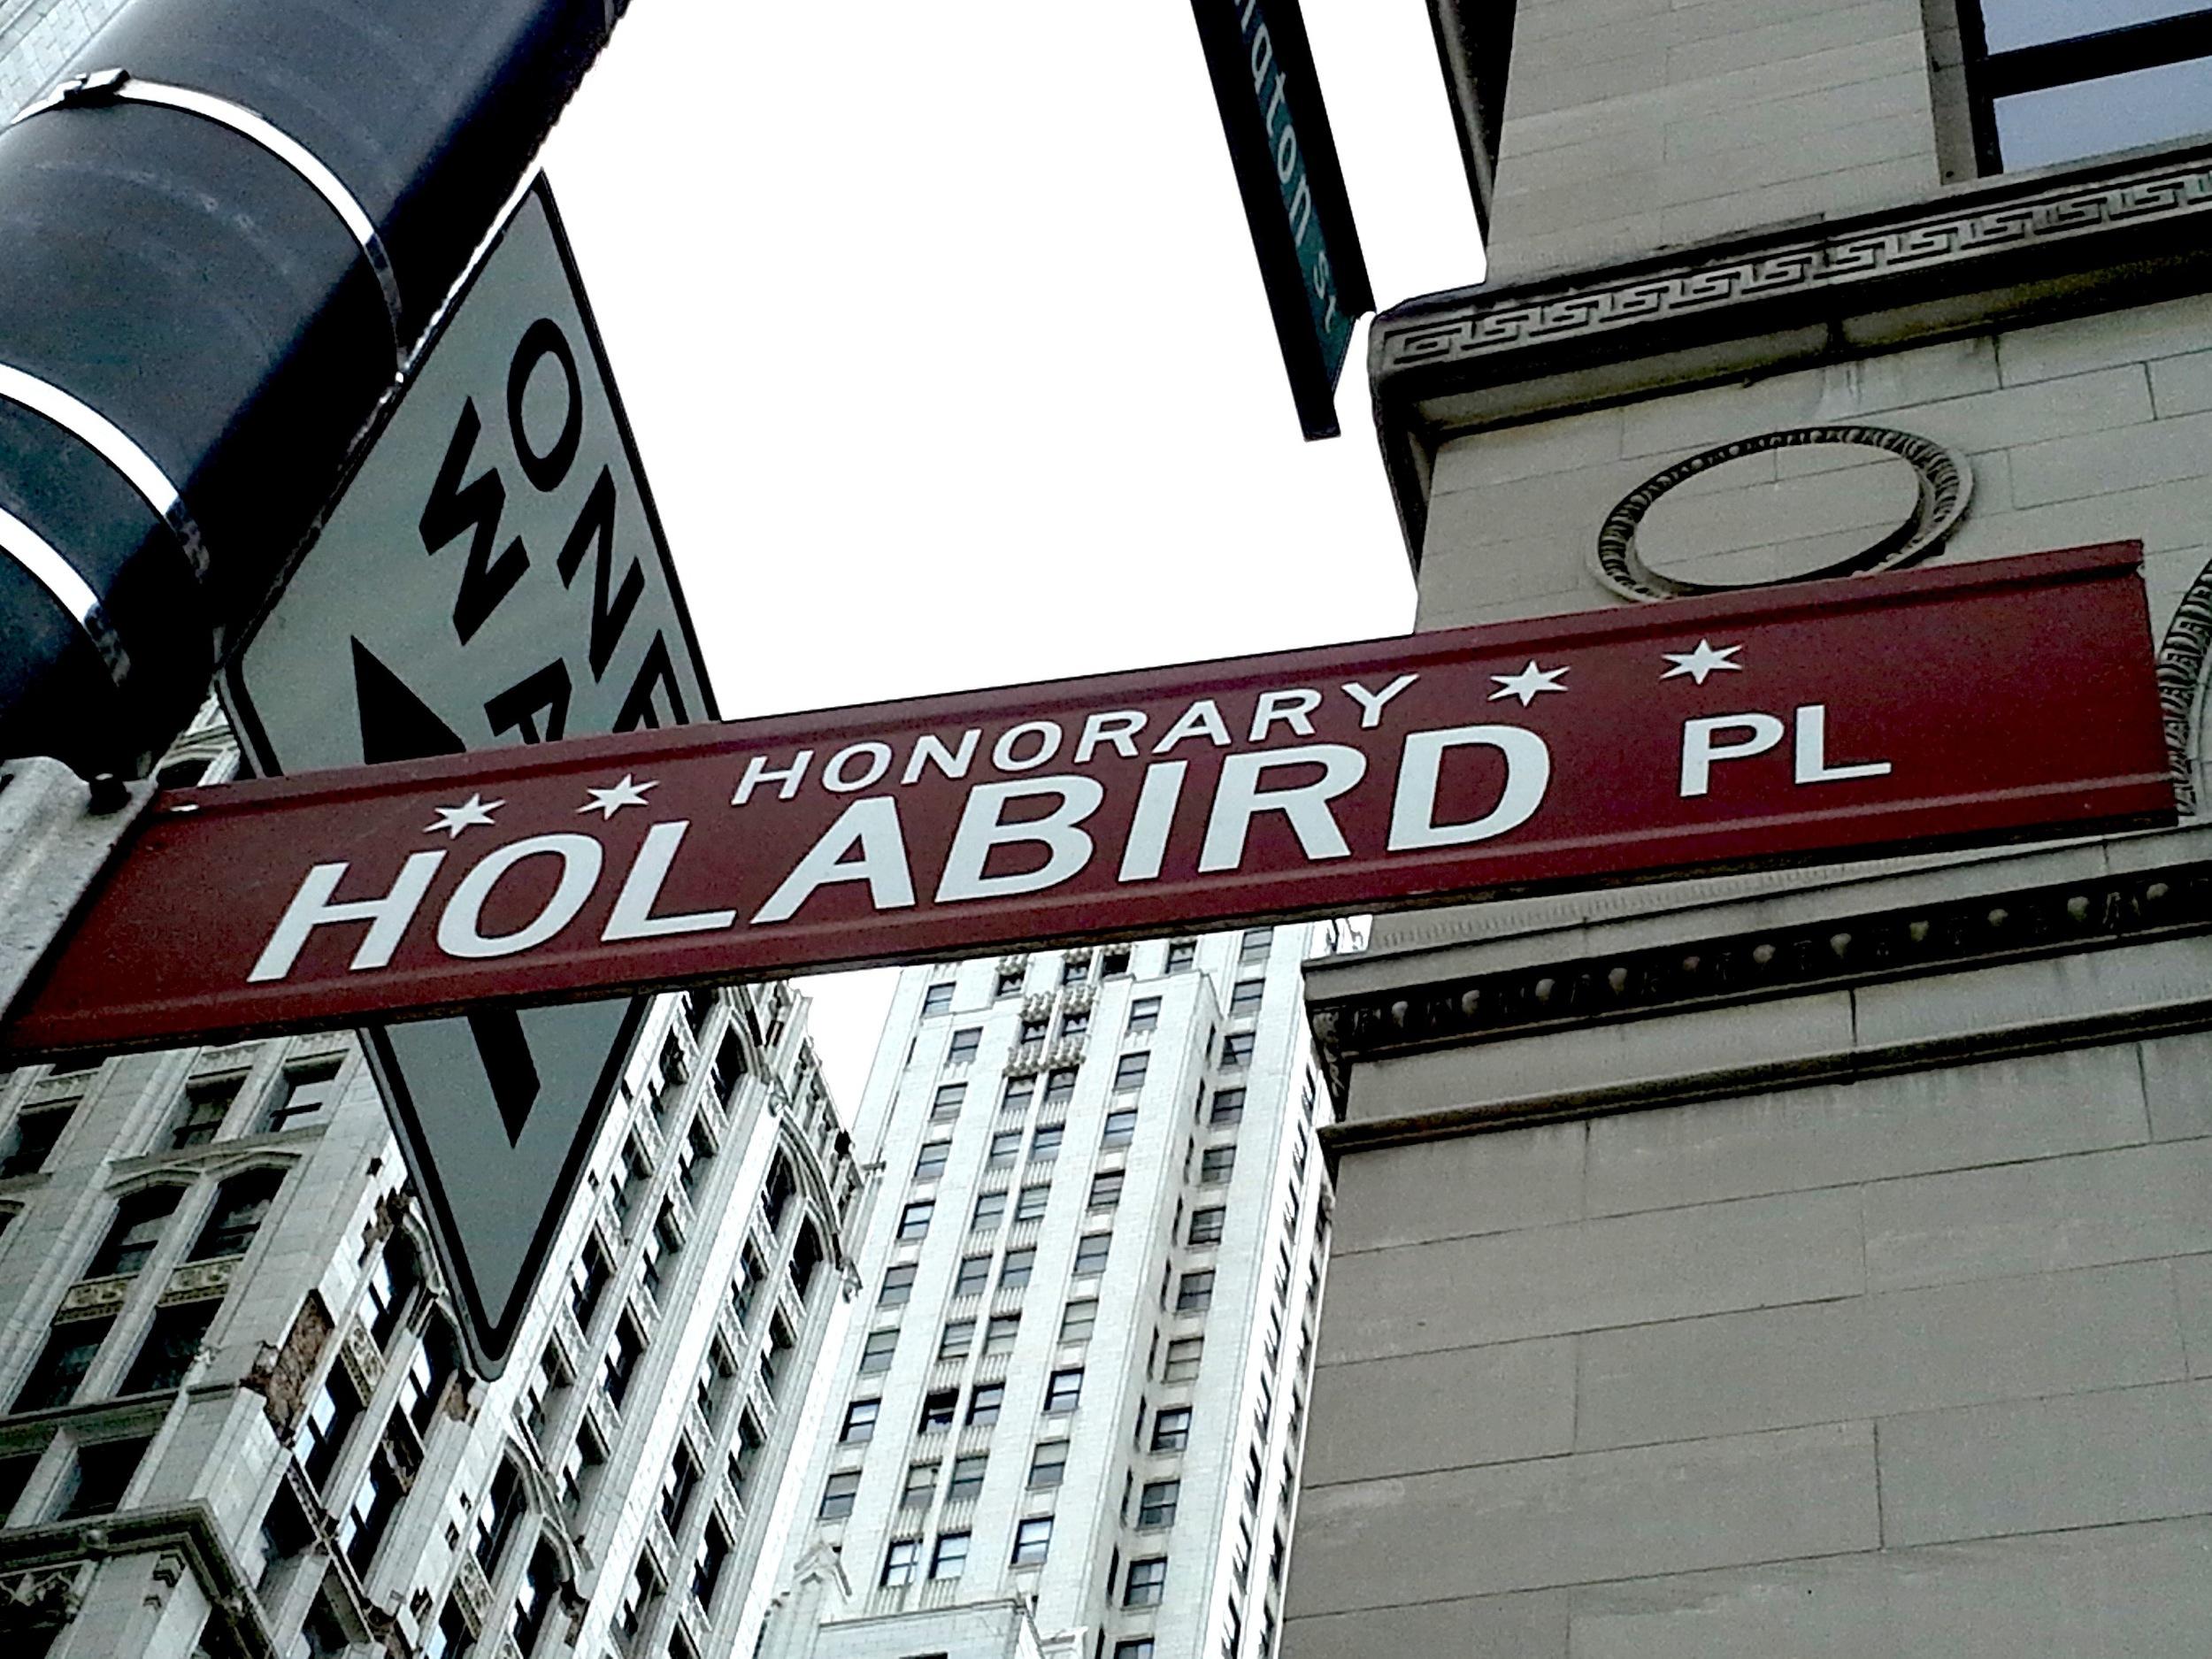 Holabird Pl - HonoraryChicago.com - Architecture firm, Holabird & Root